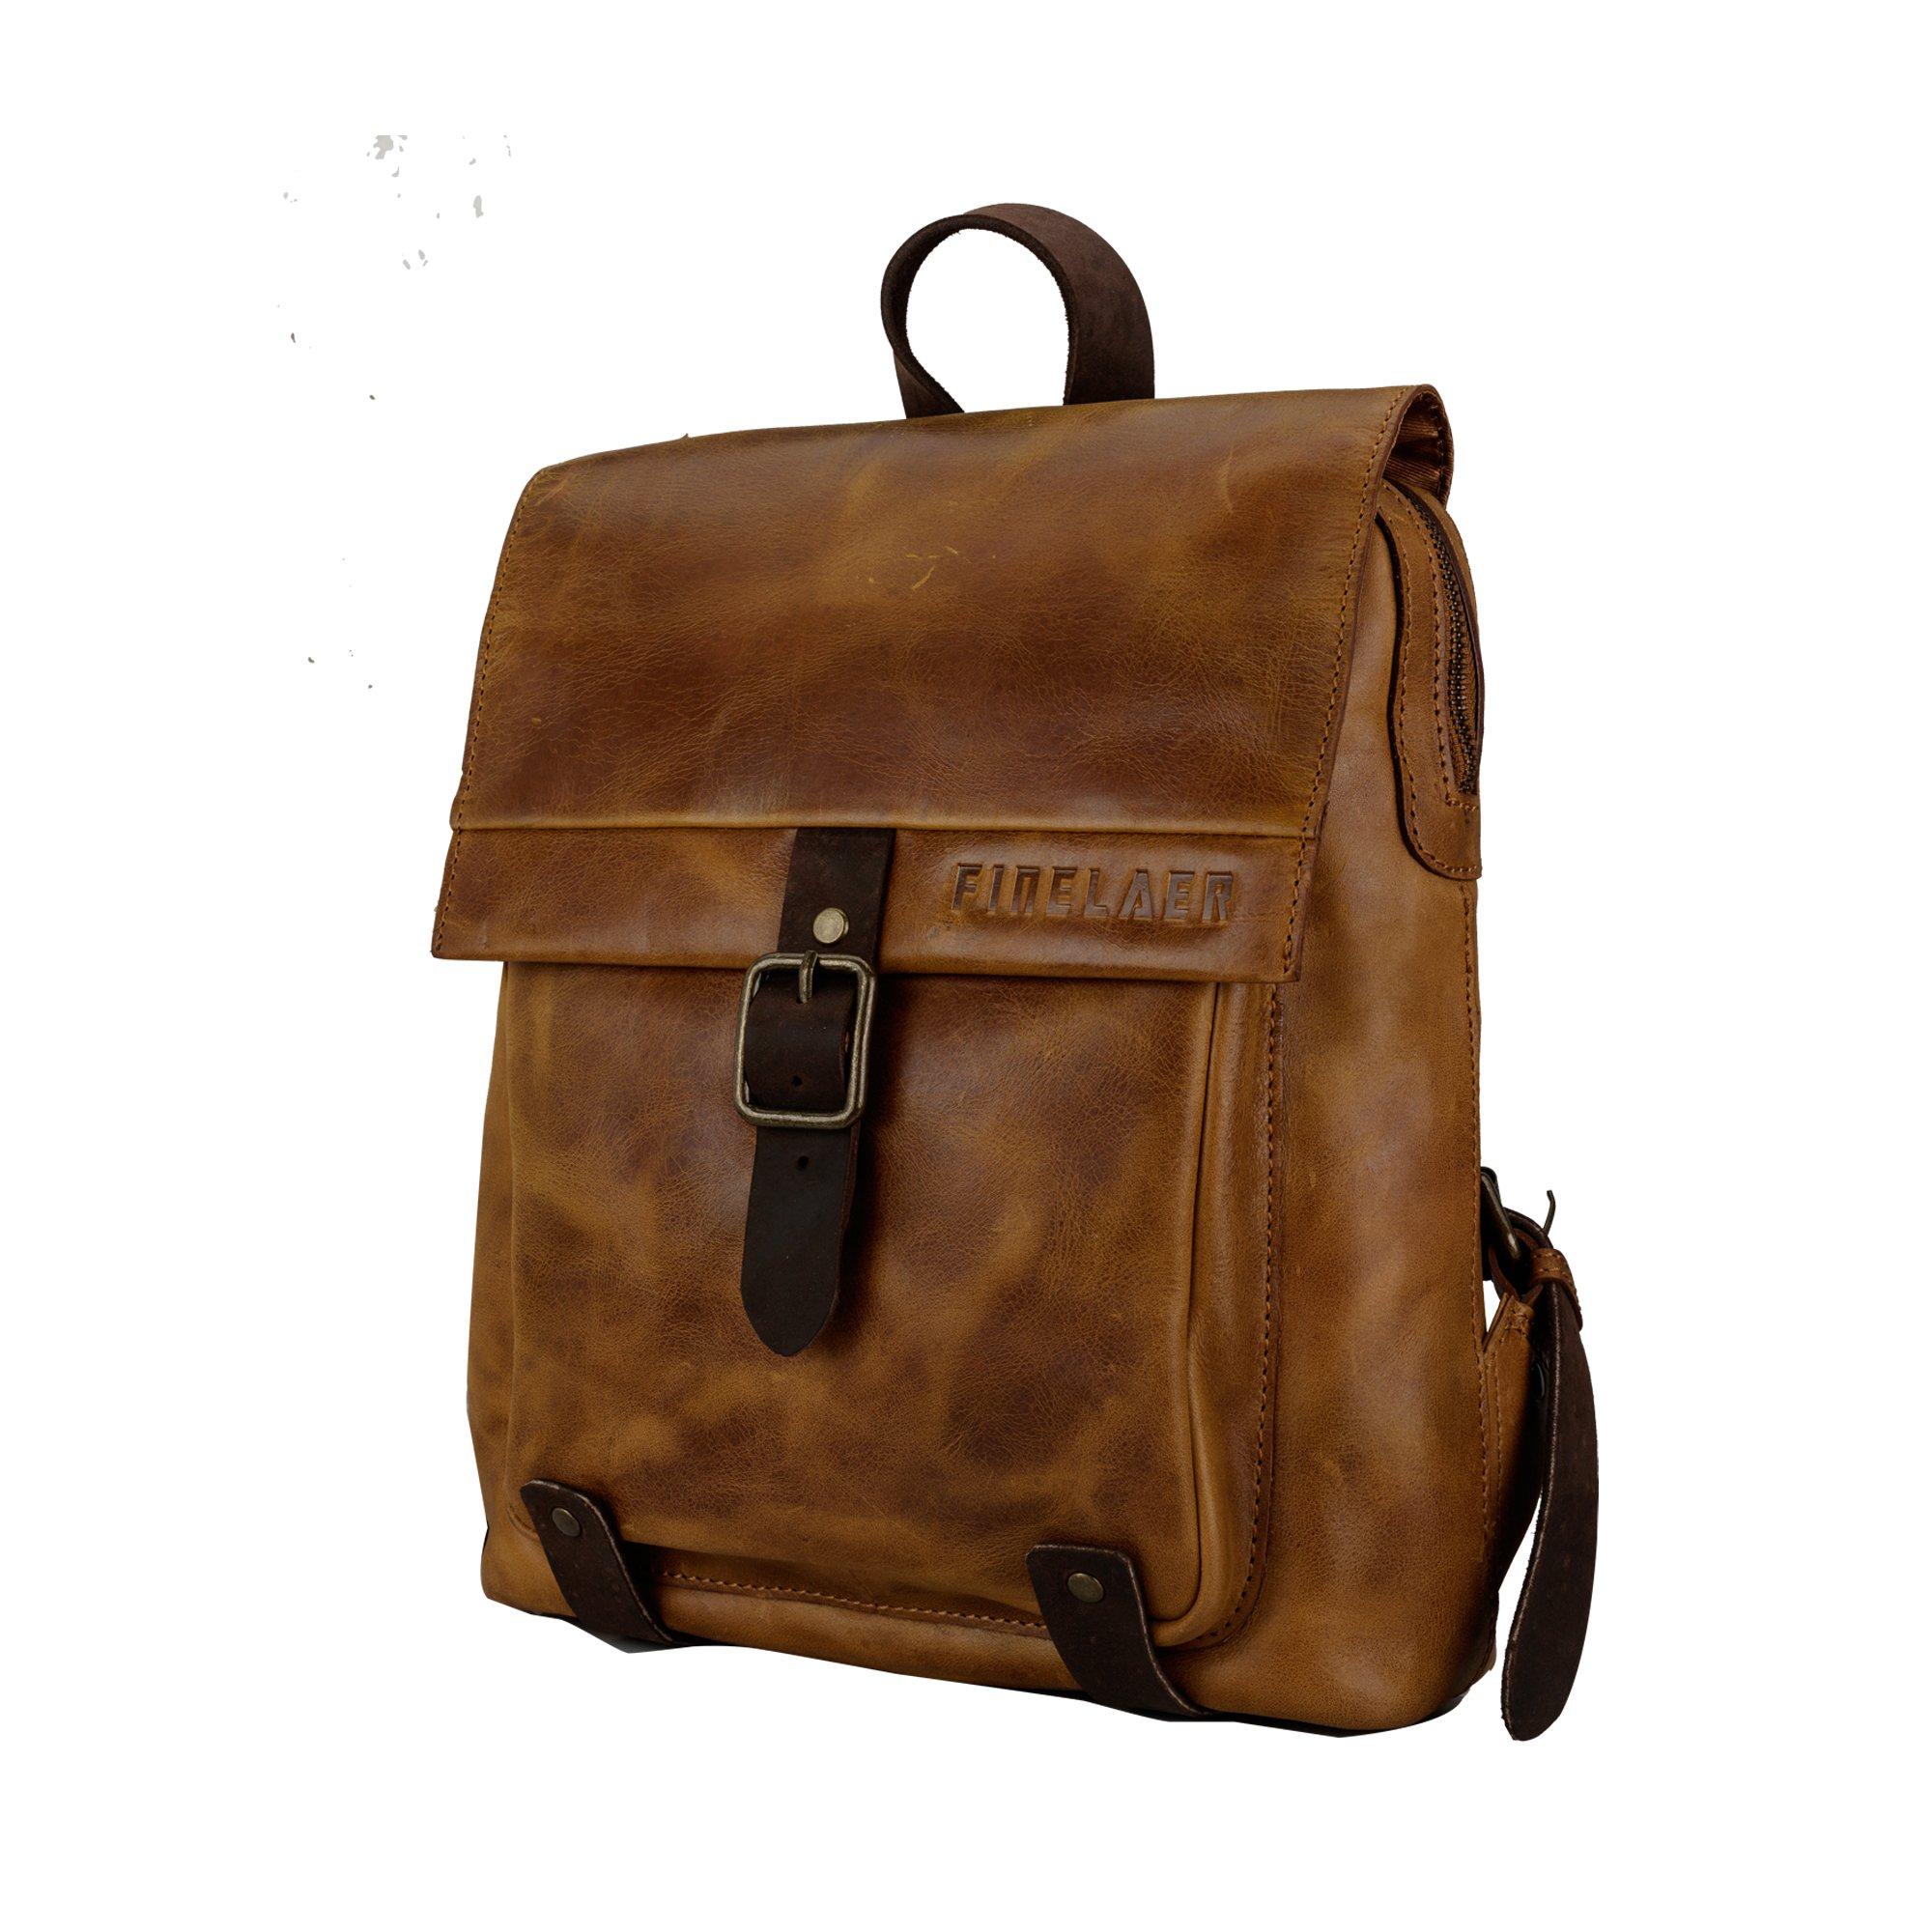 Finelaer Vintage Genuine Leather Backpack DayPack Travel College Bag Brown Men Women by FINELAER (Image #6)